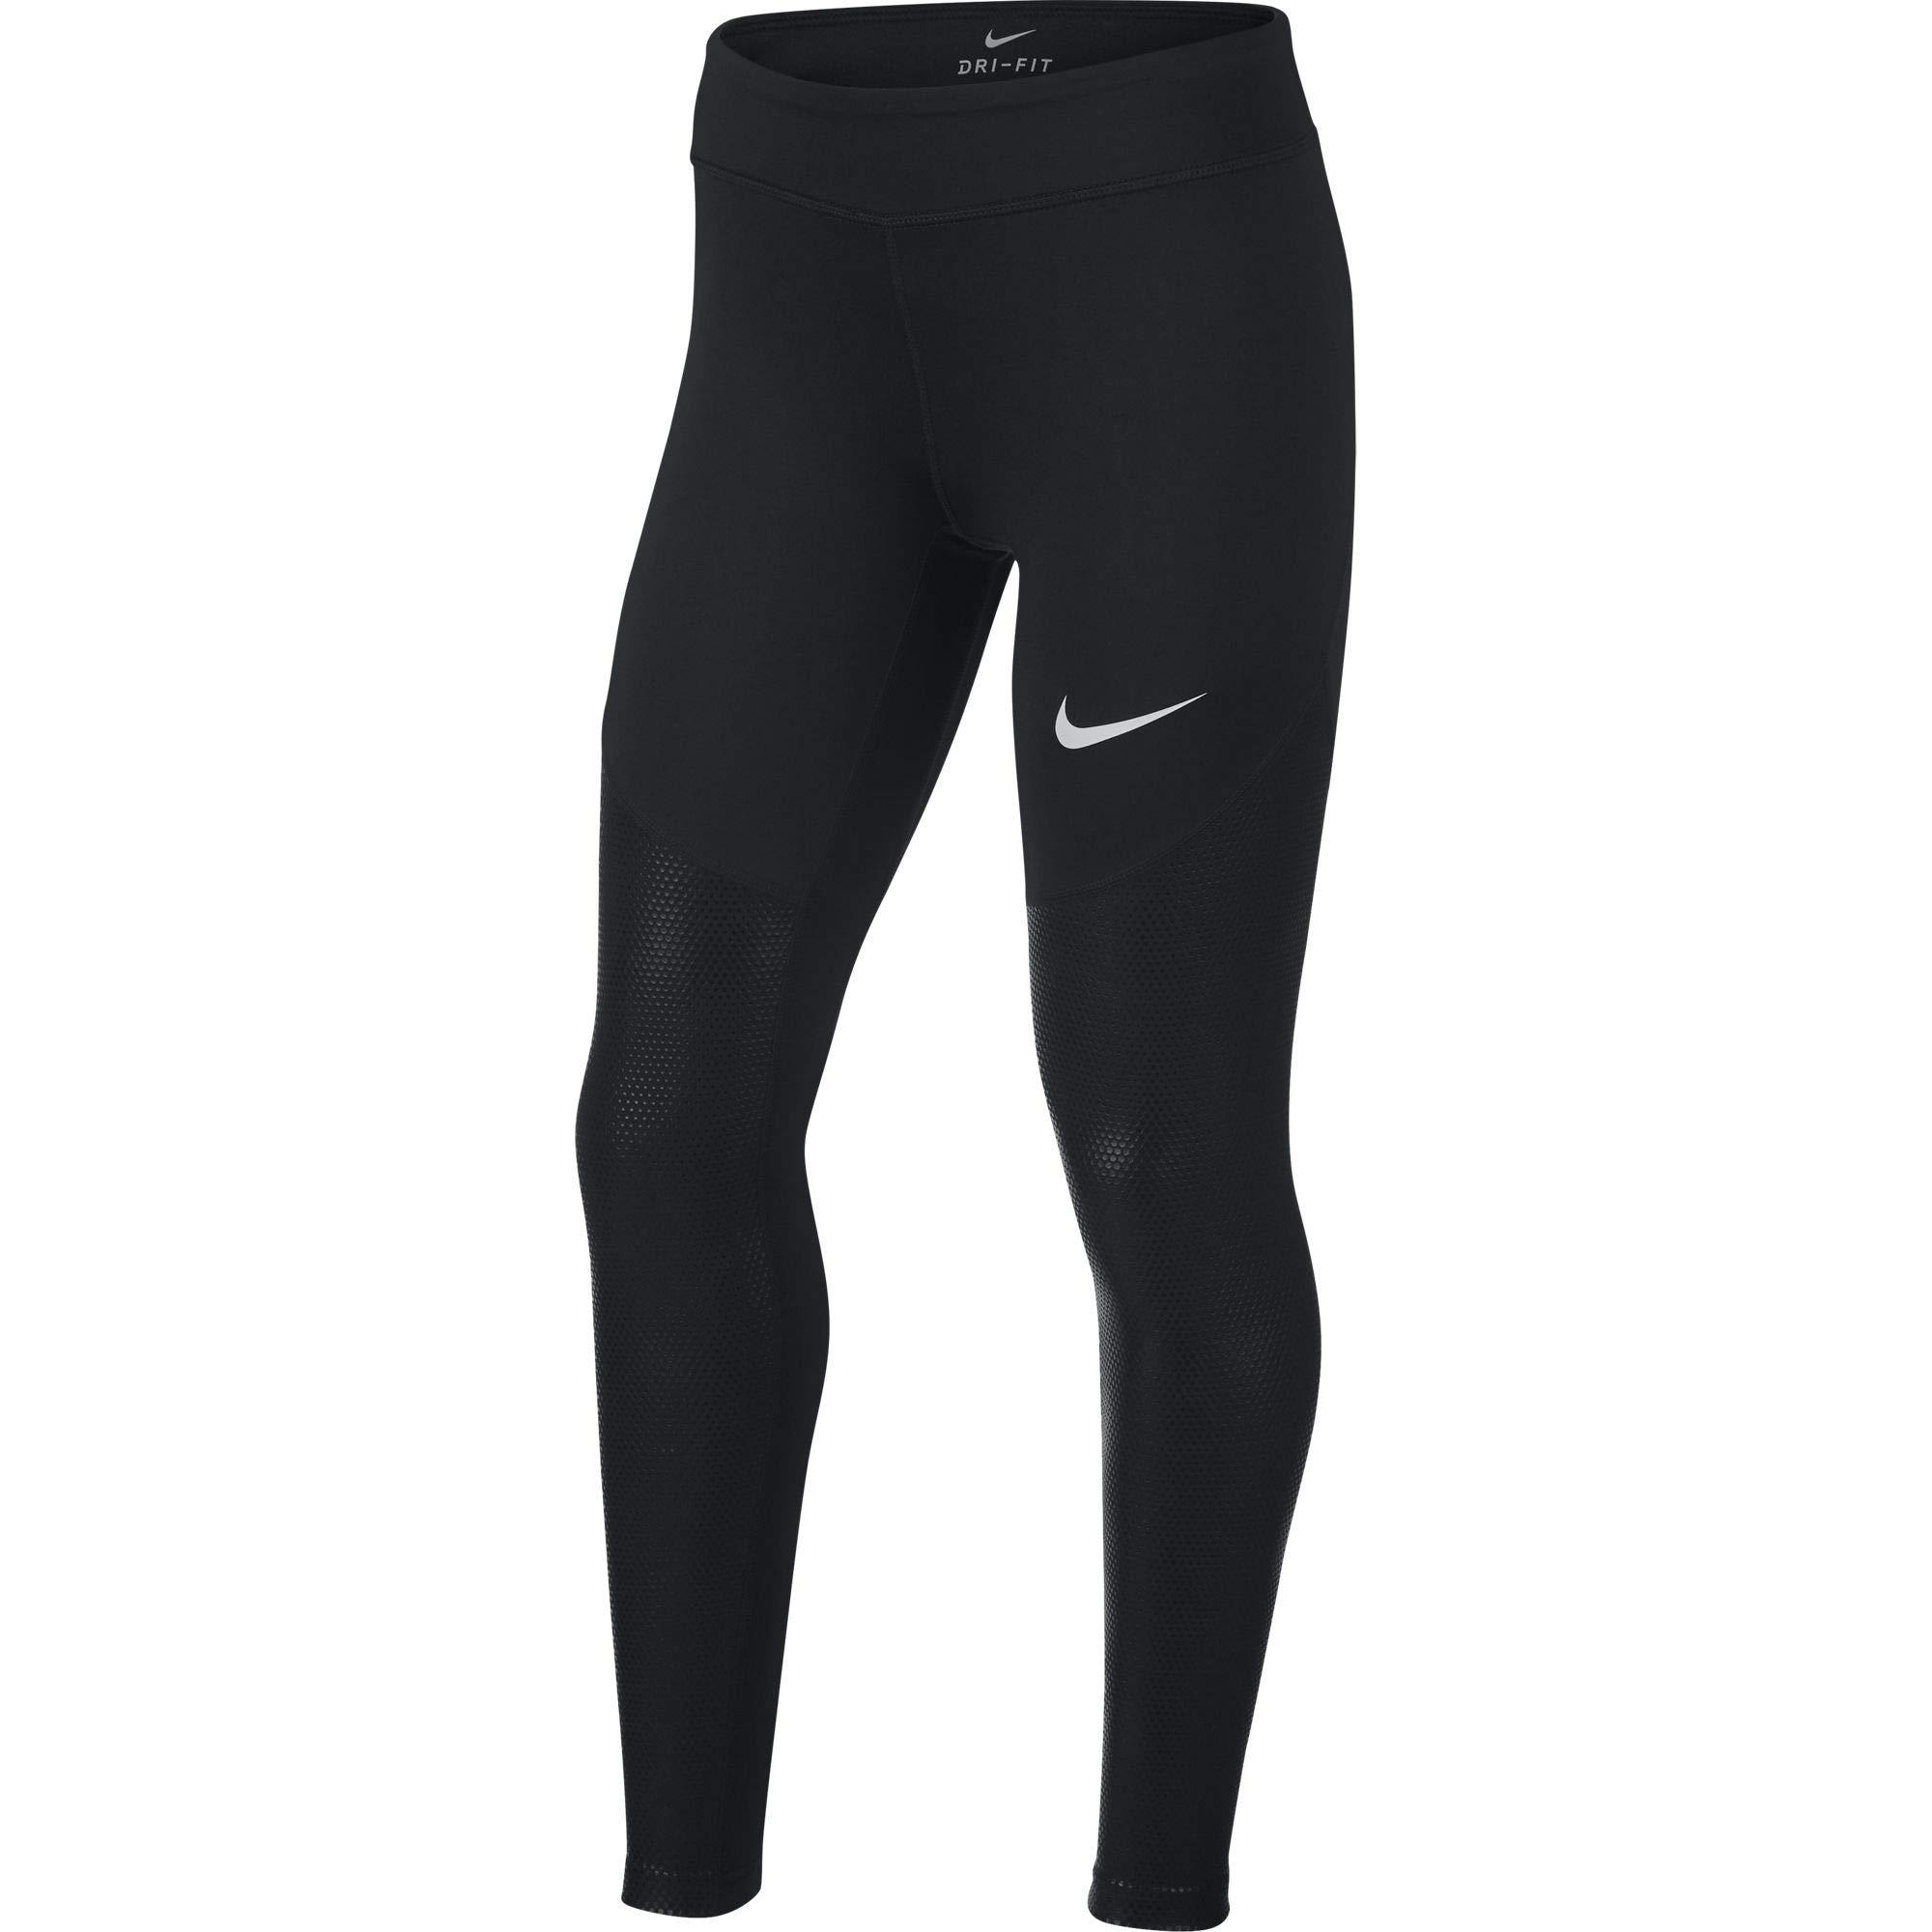 Nike Dri-FIT Big Kids' (Girls') Training Tights (Black, L)